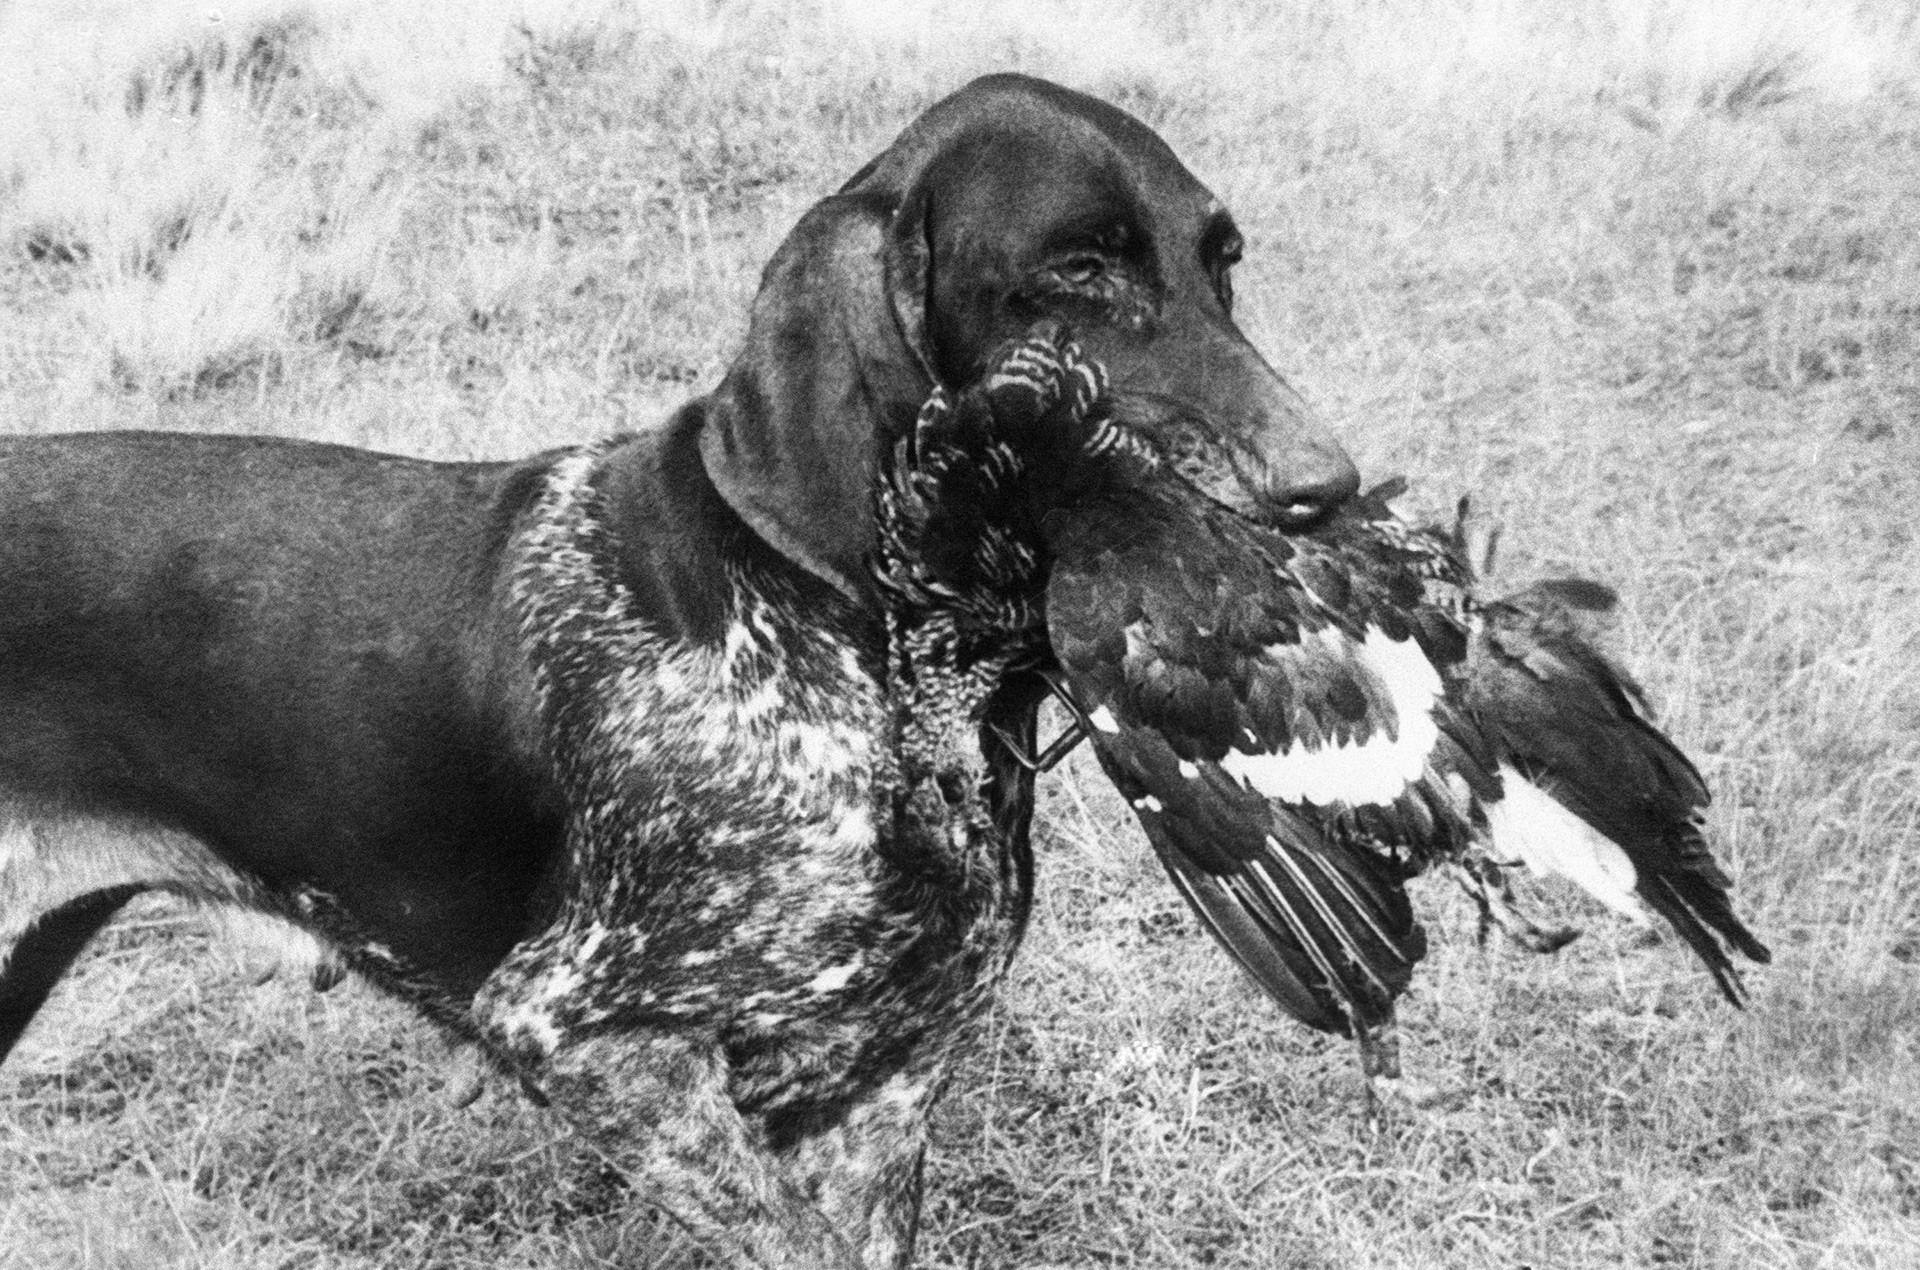 Германски птичар со кратко влакно во забите носи застрелана птица на 24 московска изложба на ловечки кучиња.